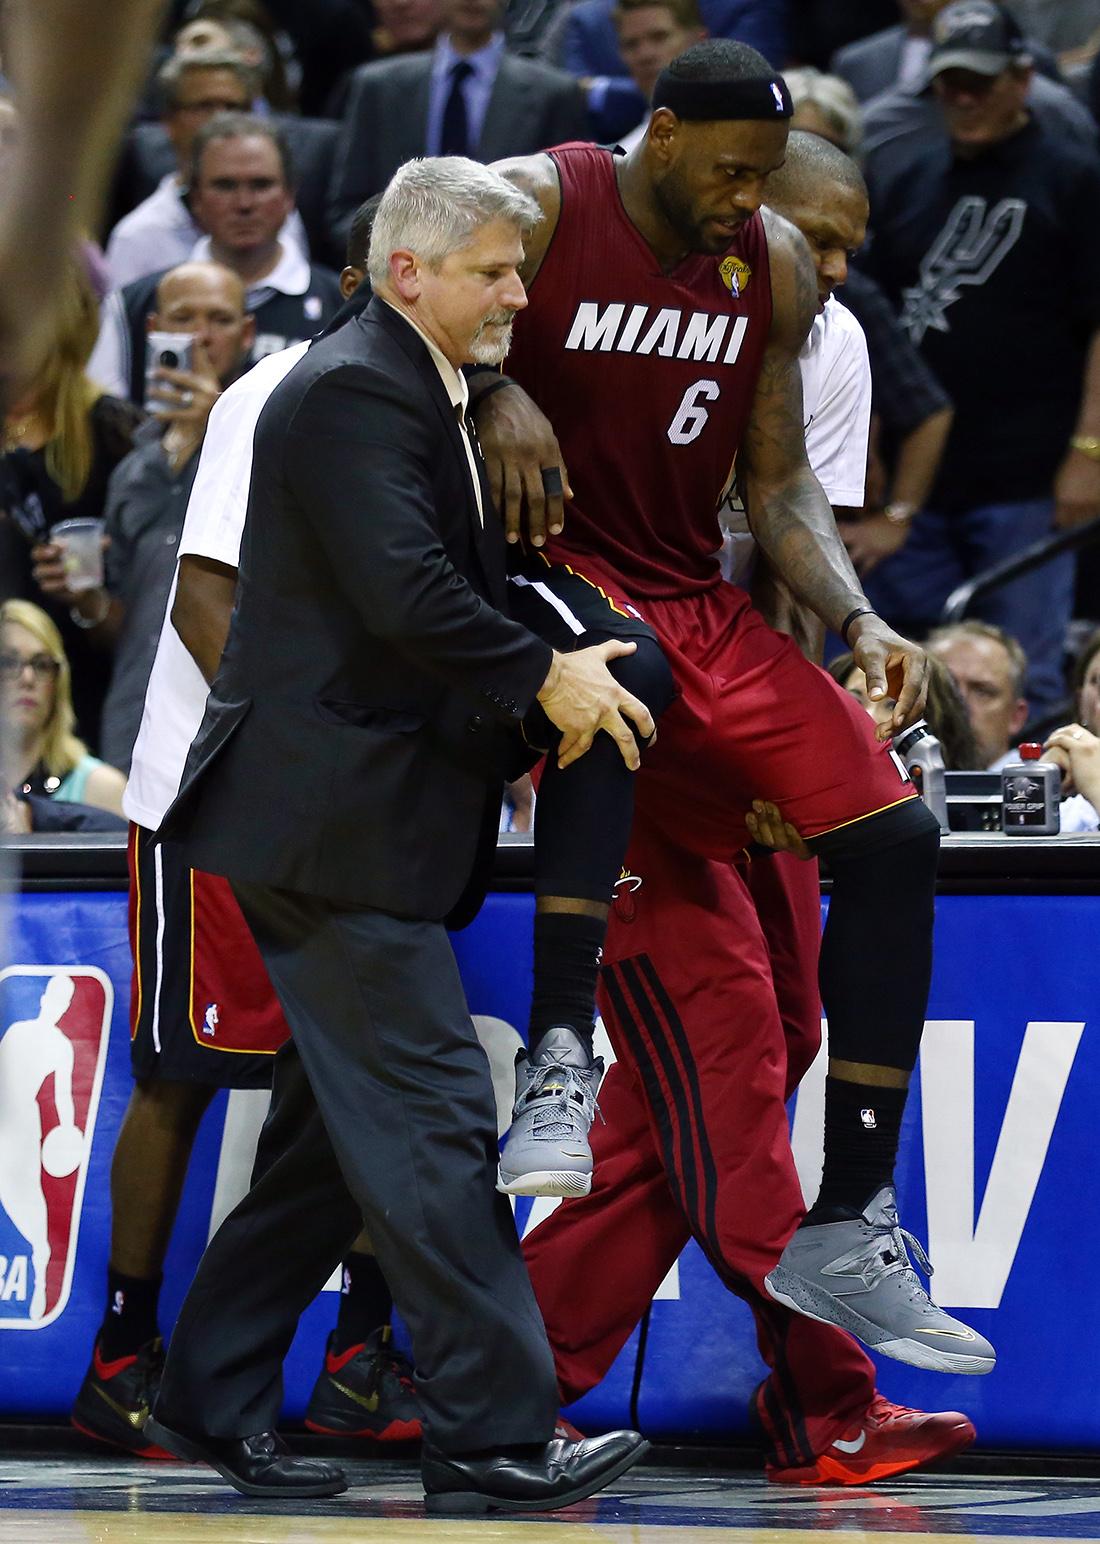 LeBron James con un calambre en la final en viva basquet